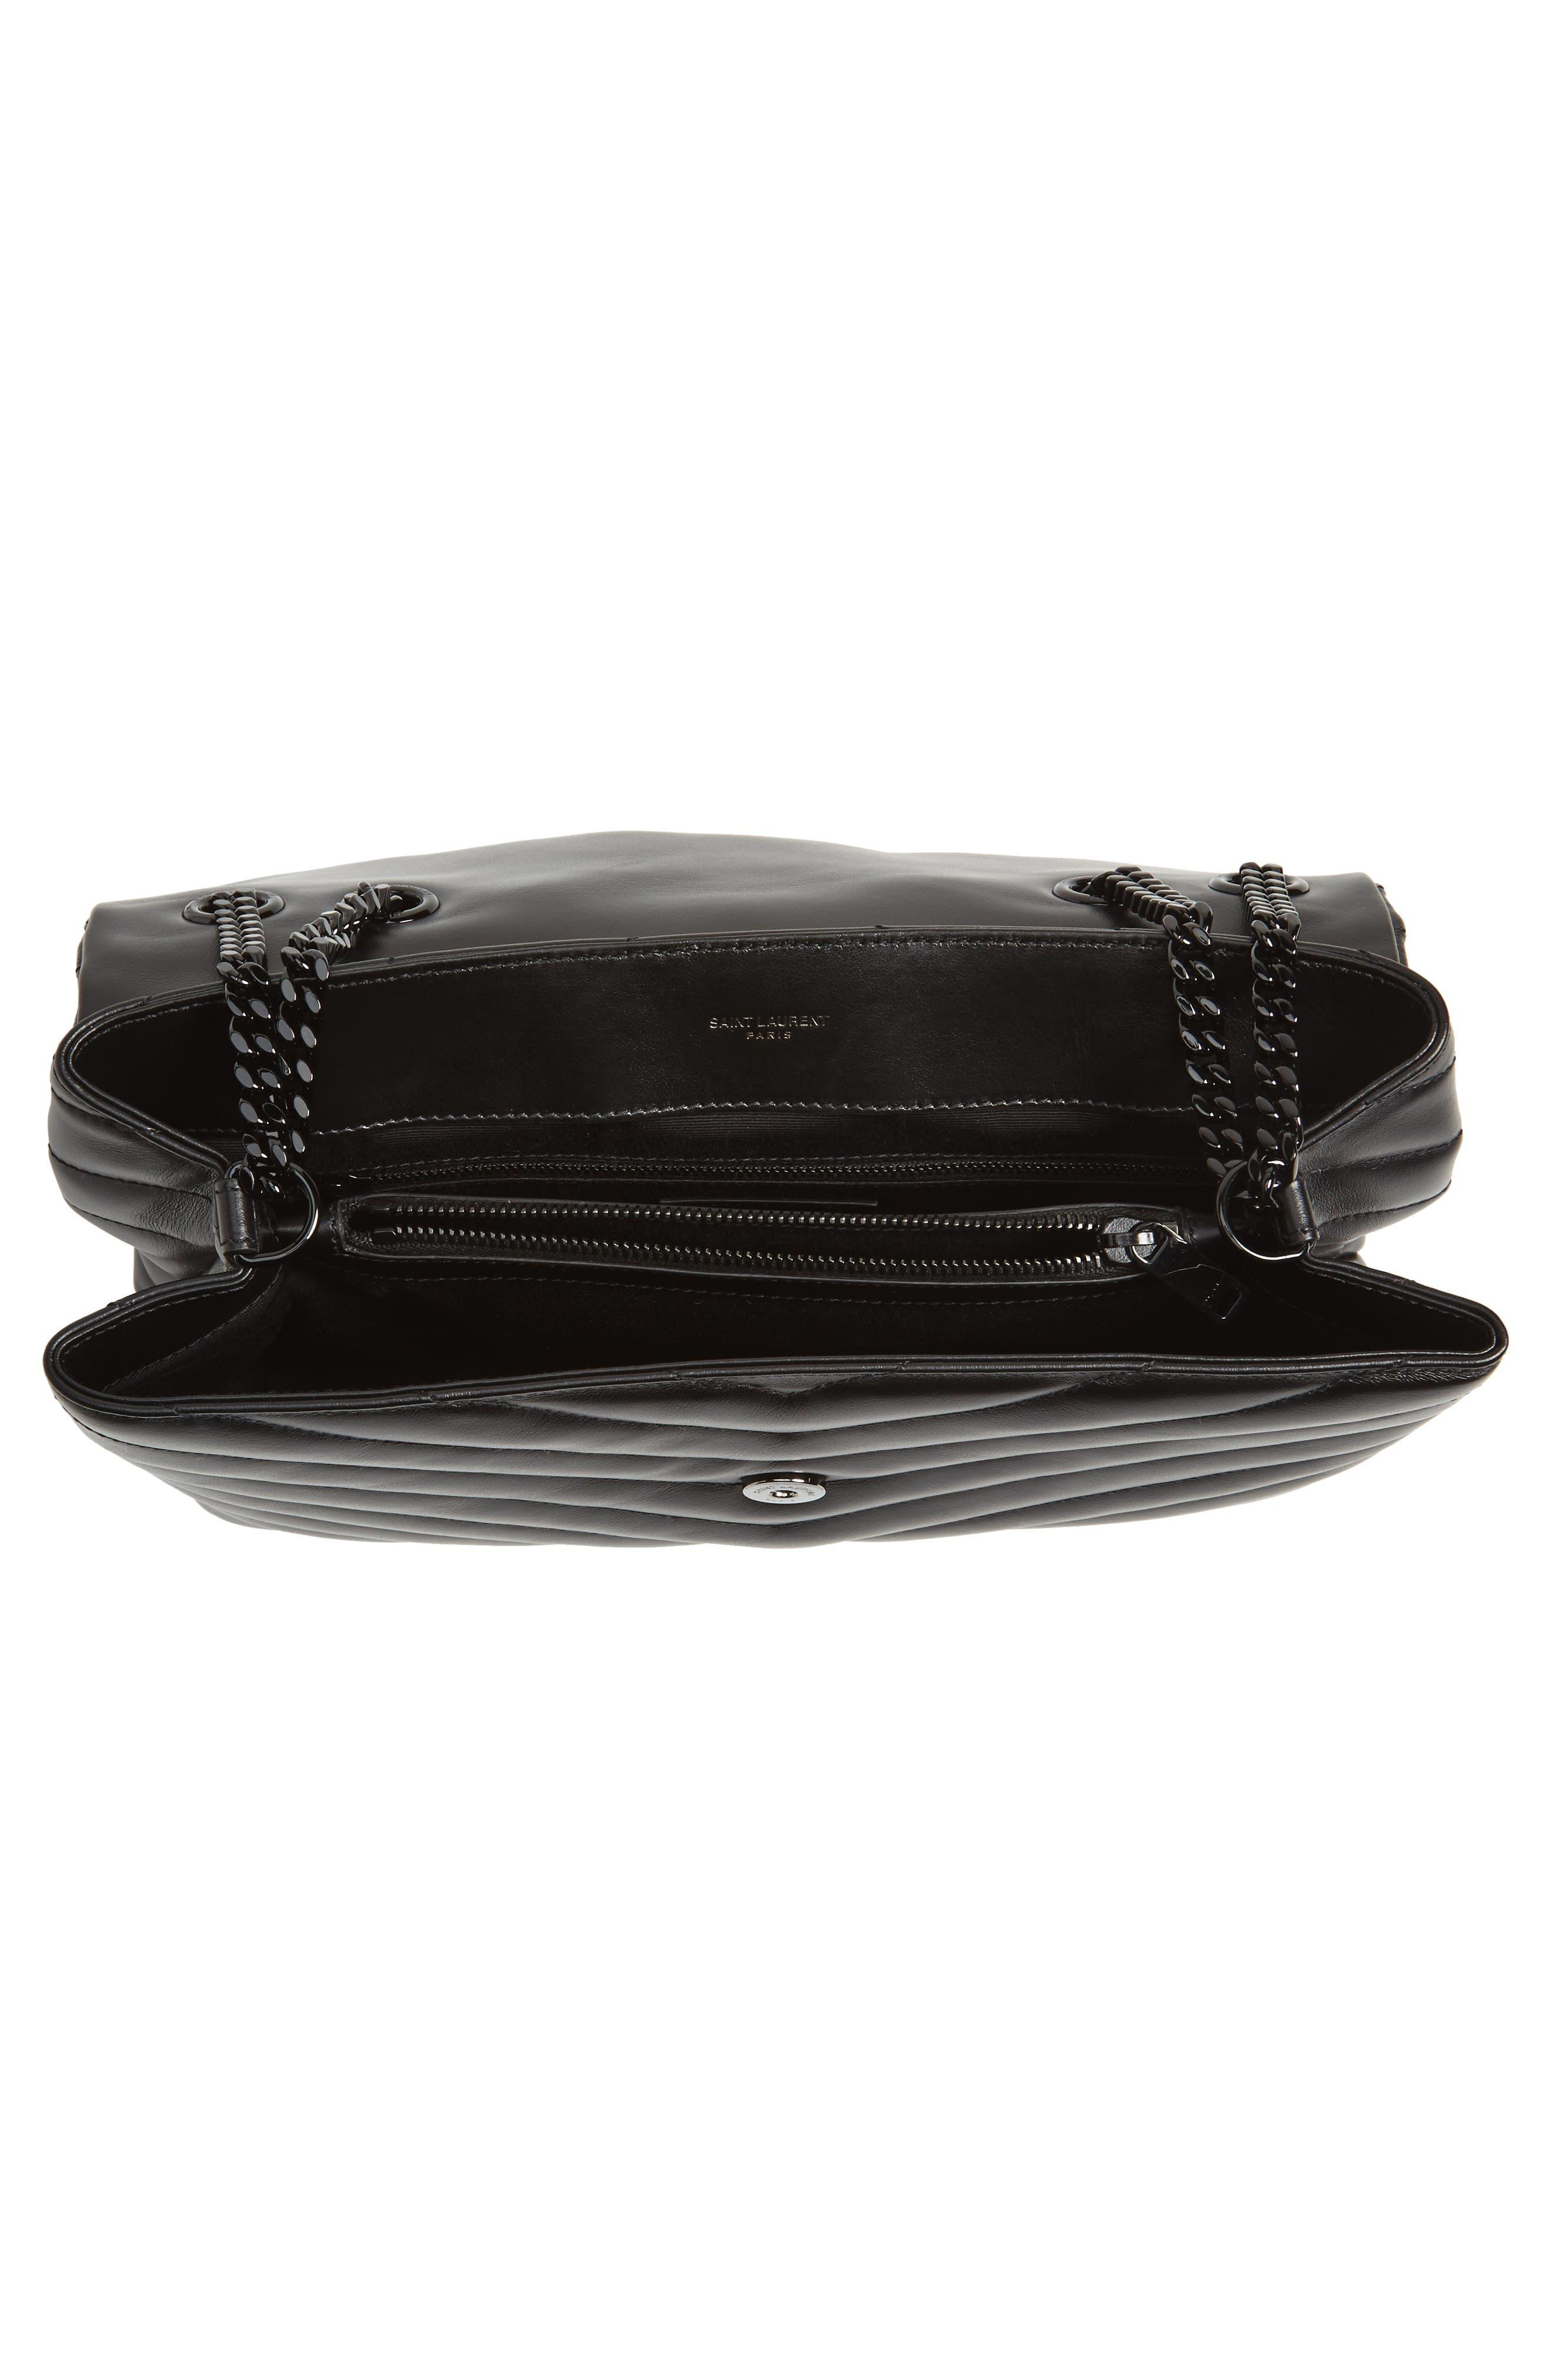 Medium Loulou Matelassé Leather Shoulder Bag,                             Alternate thumbnail 4, color,                             Noir